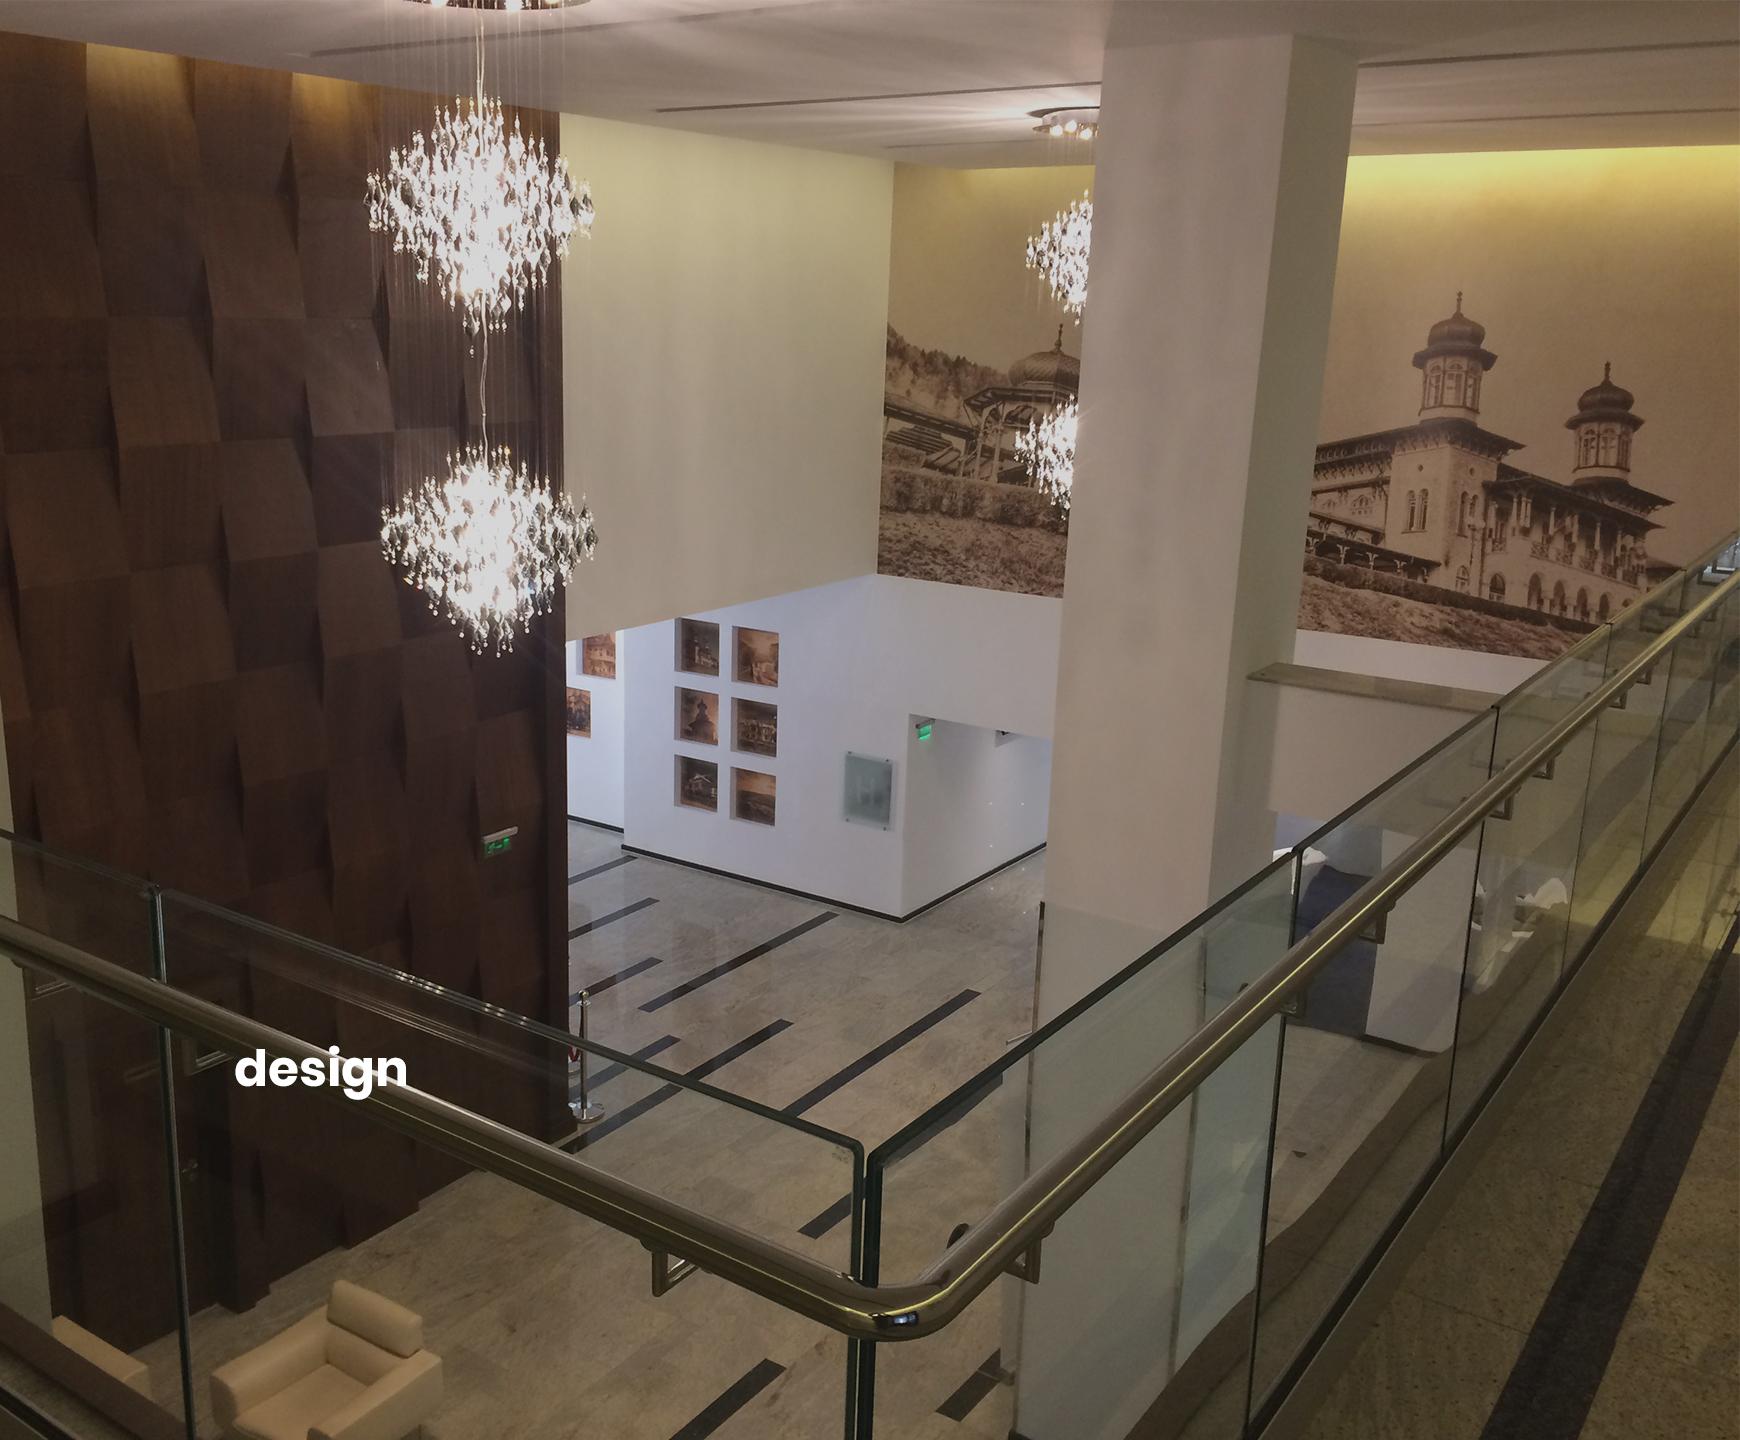 65 - design